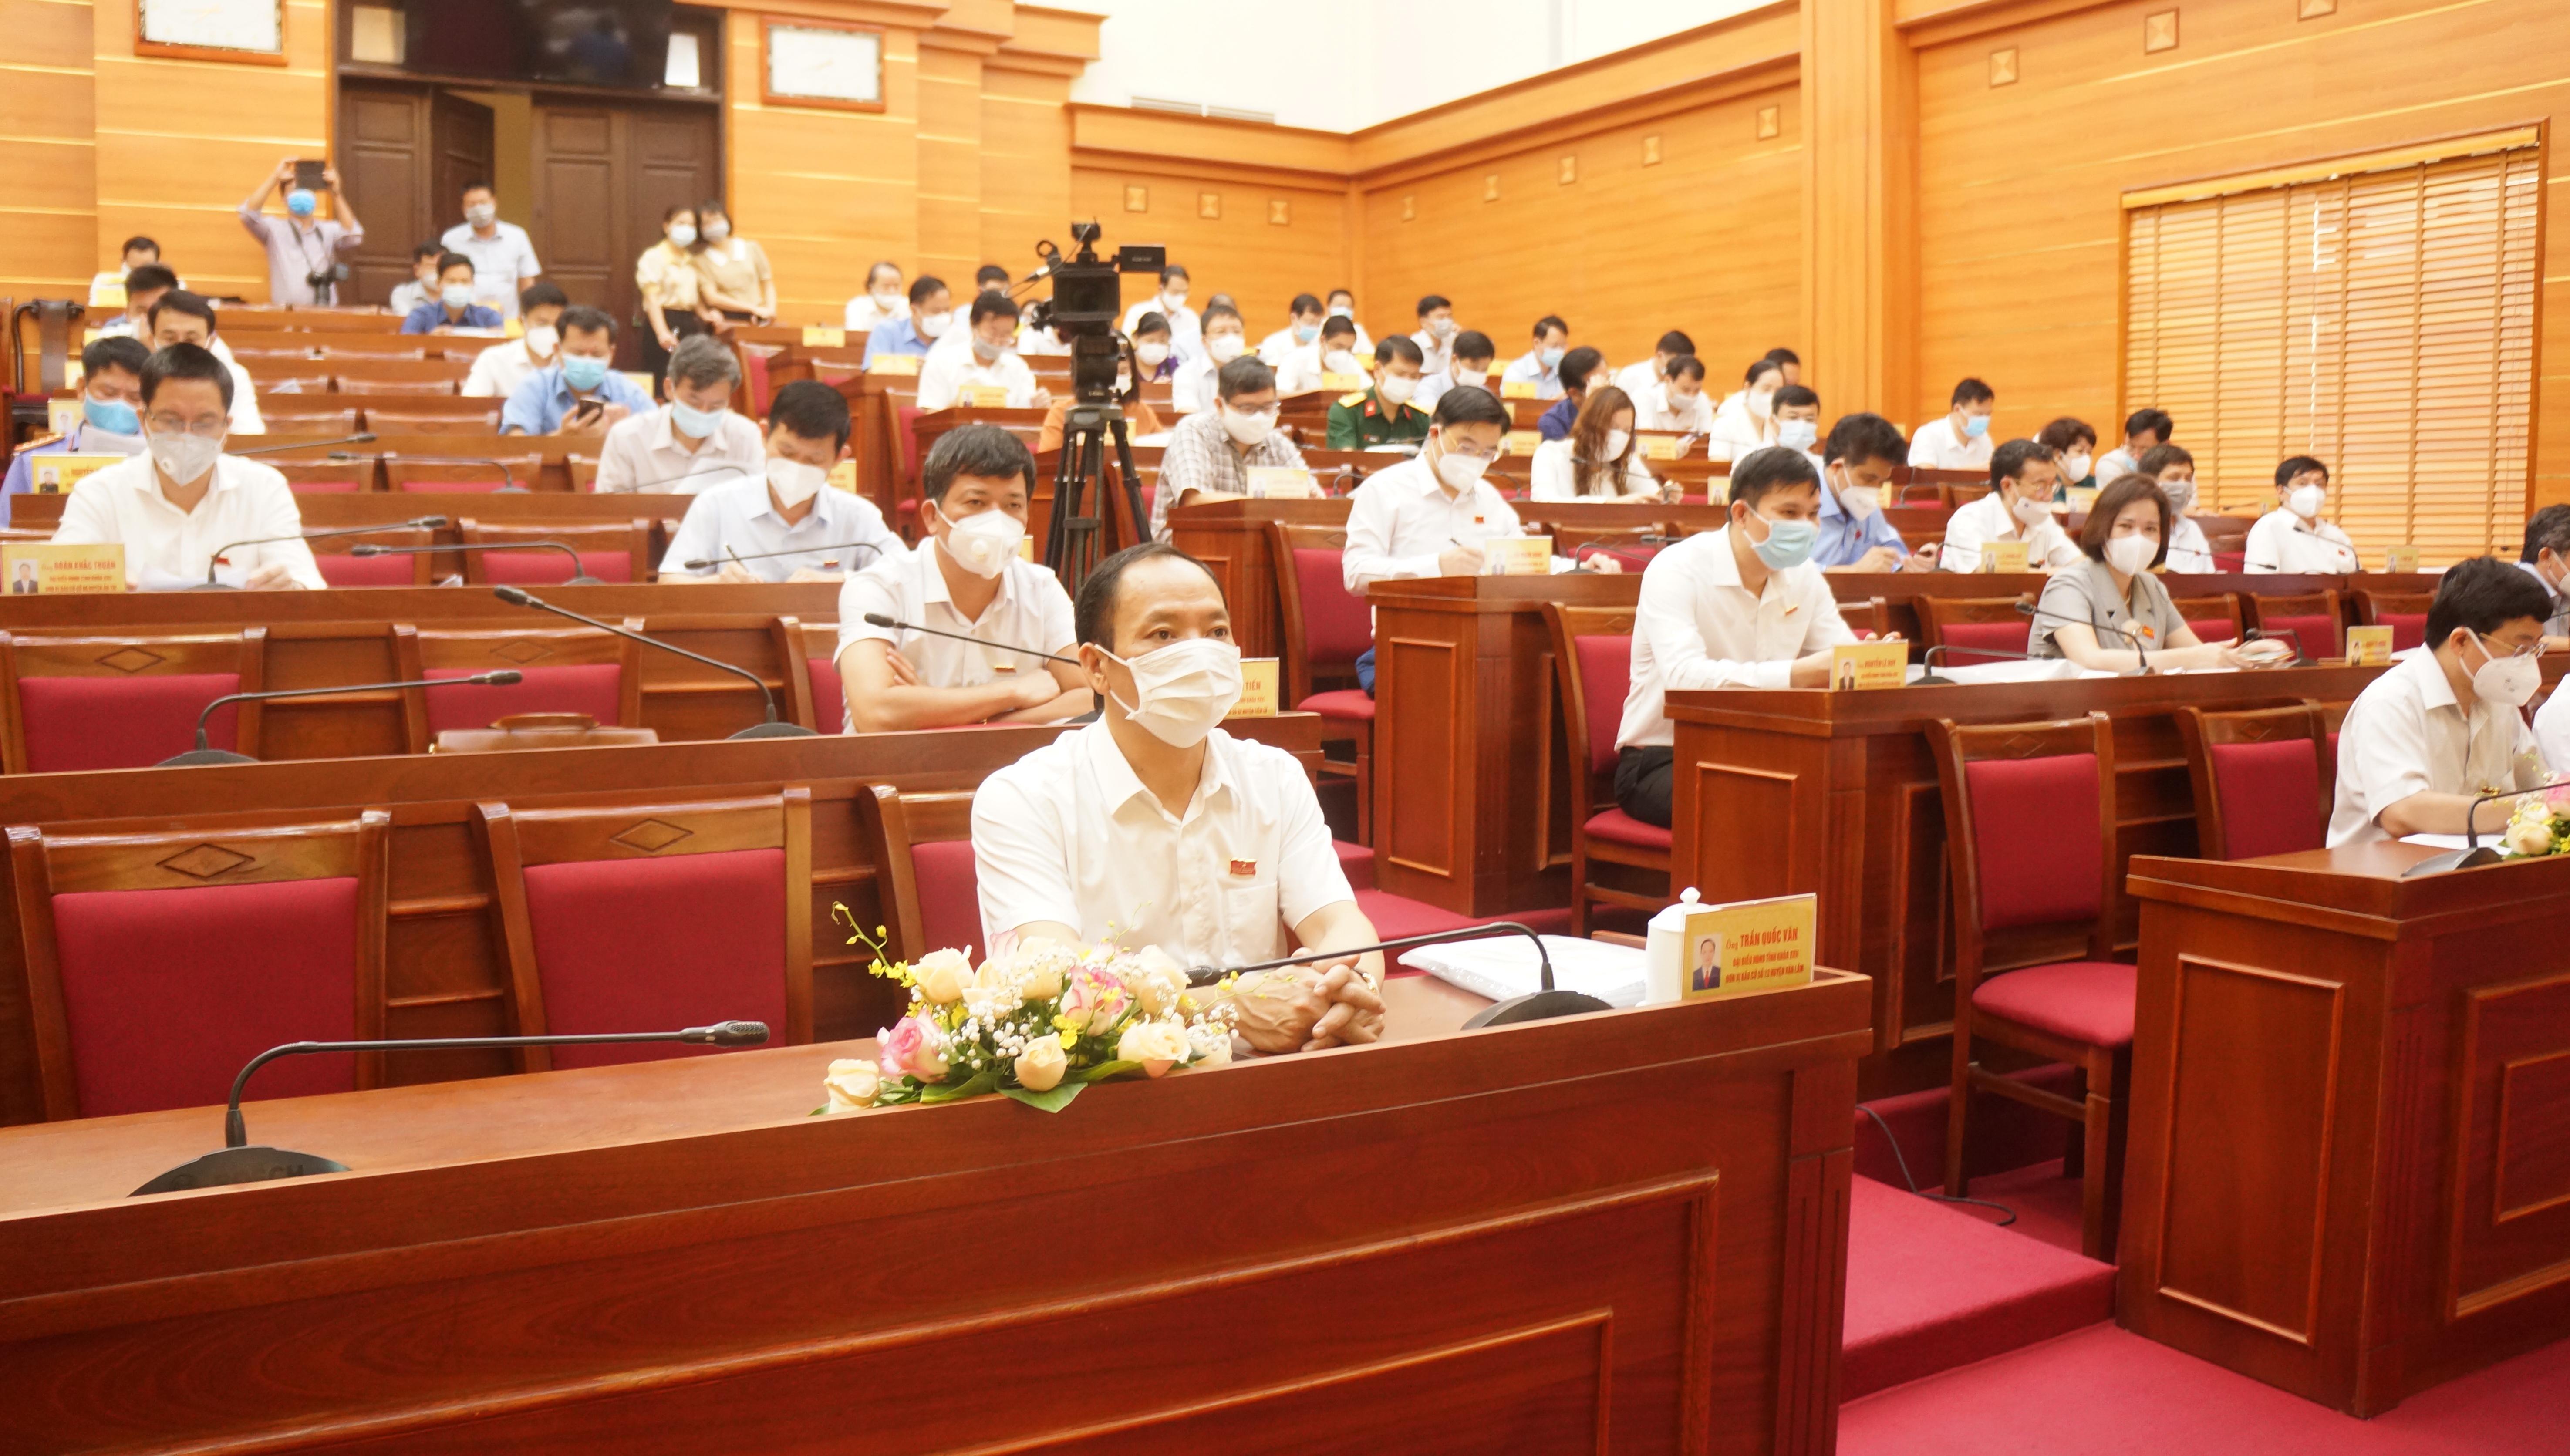 Hội đồng nhân dân tỉnh Hưng Yên khóa XVII tổ chức Kỳ họp thứ Ba